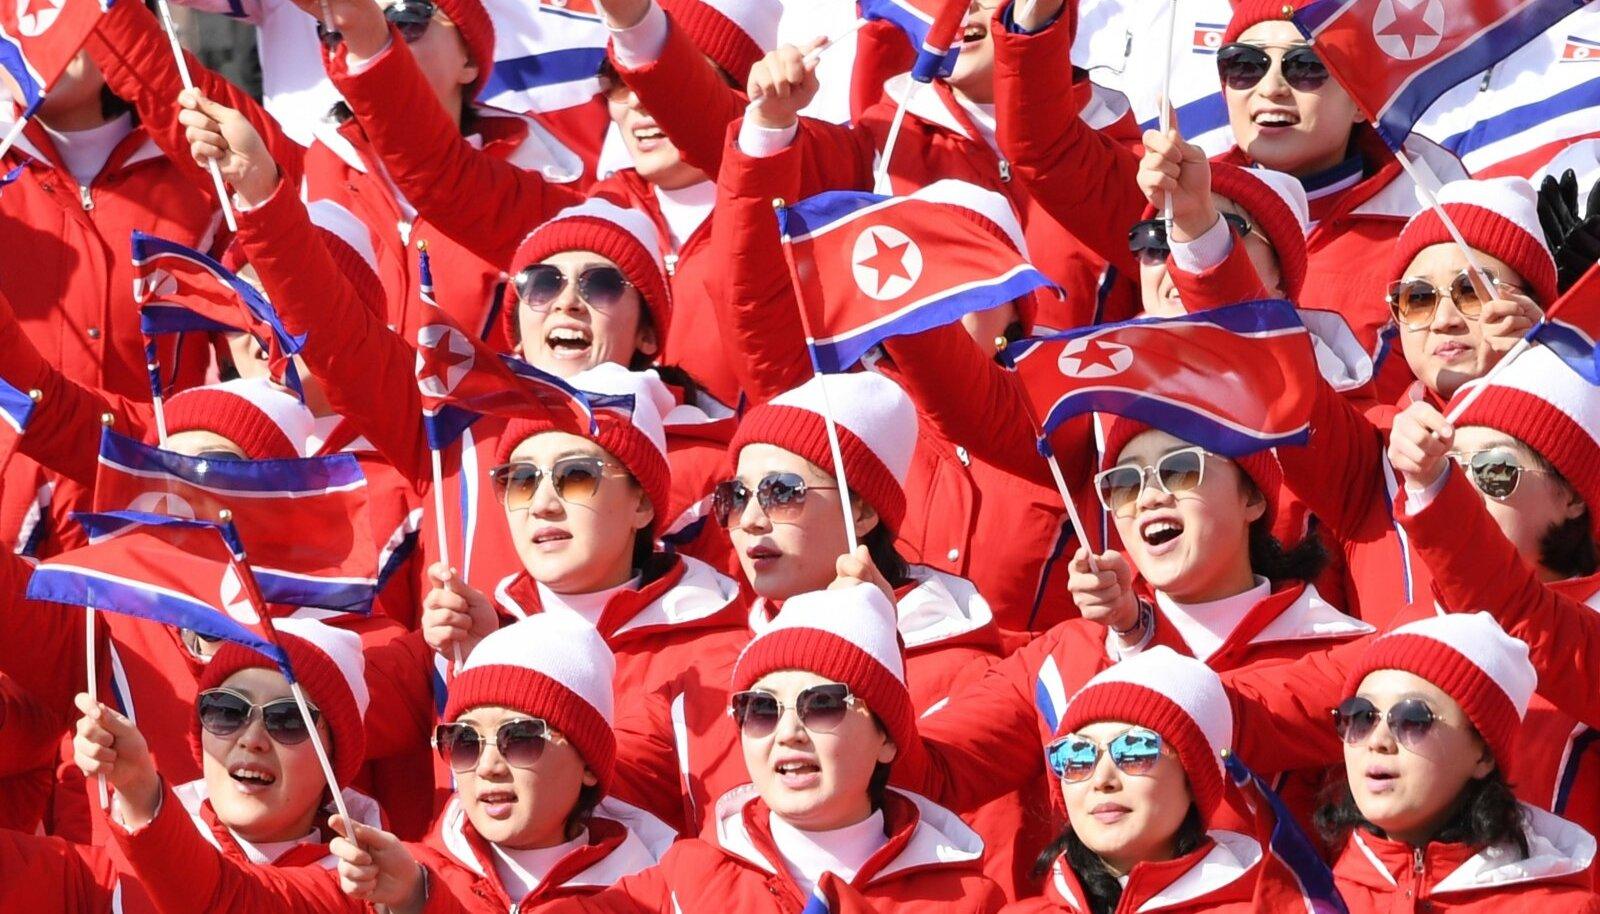 Põhja-Korea fännid 2018. aasta Pyeongchangi taliolümpiamängudel.